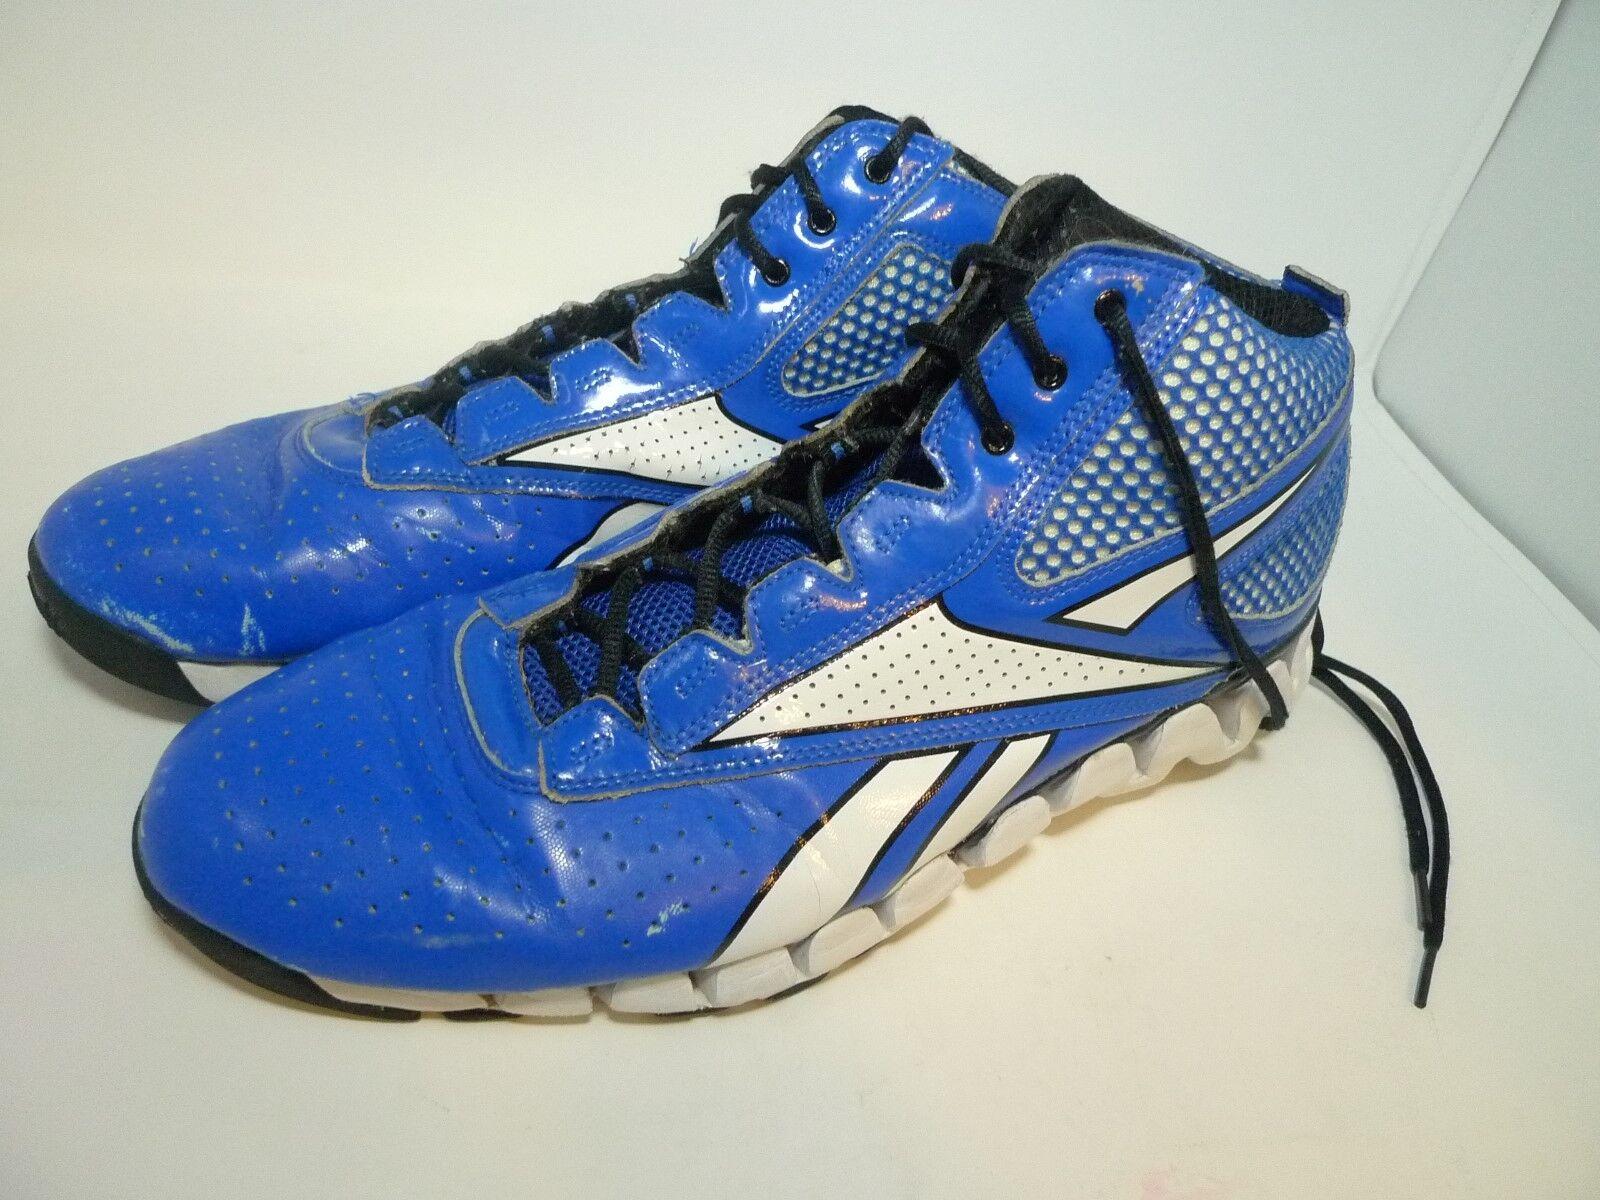 32ba2af586a9f Reebok ZigTech Size 13 Blue White Running Running Running Shoes Mens 0a229b